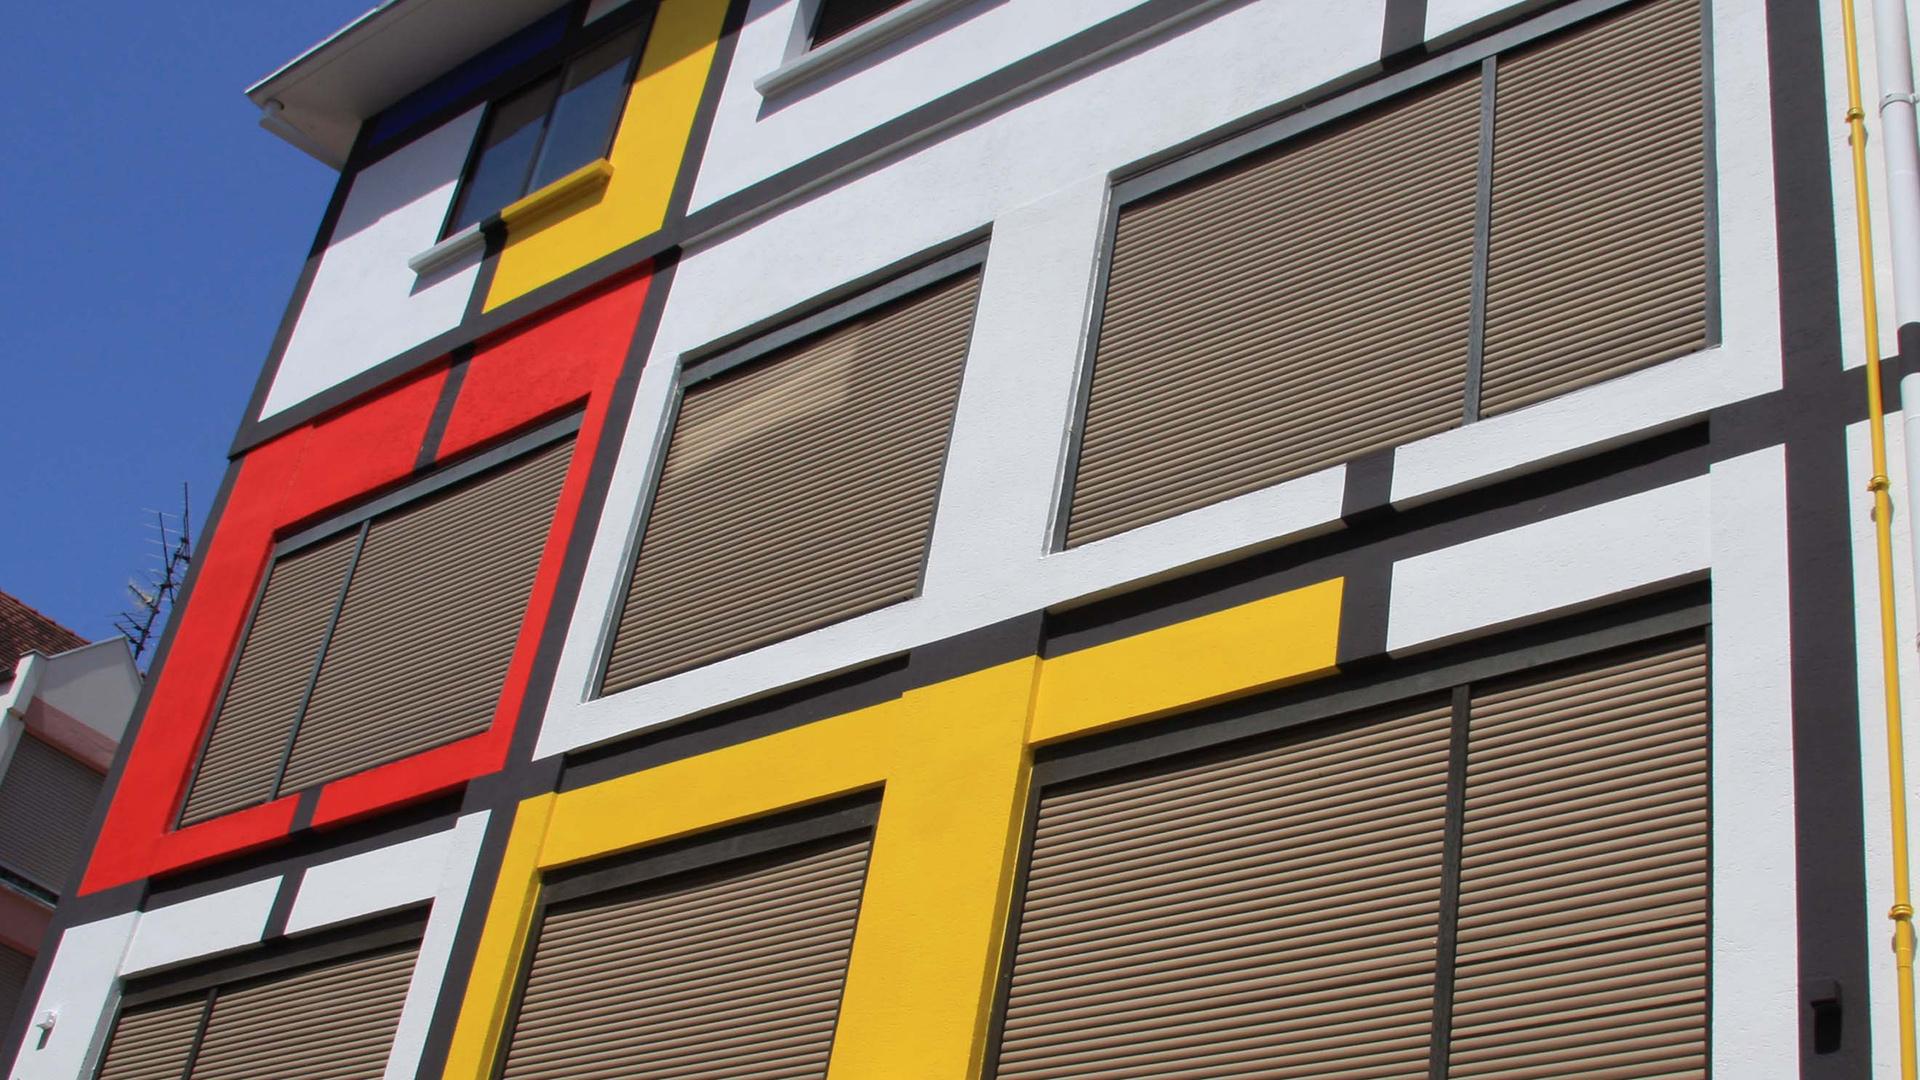 Maison-Mondrian